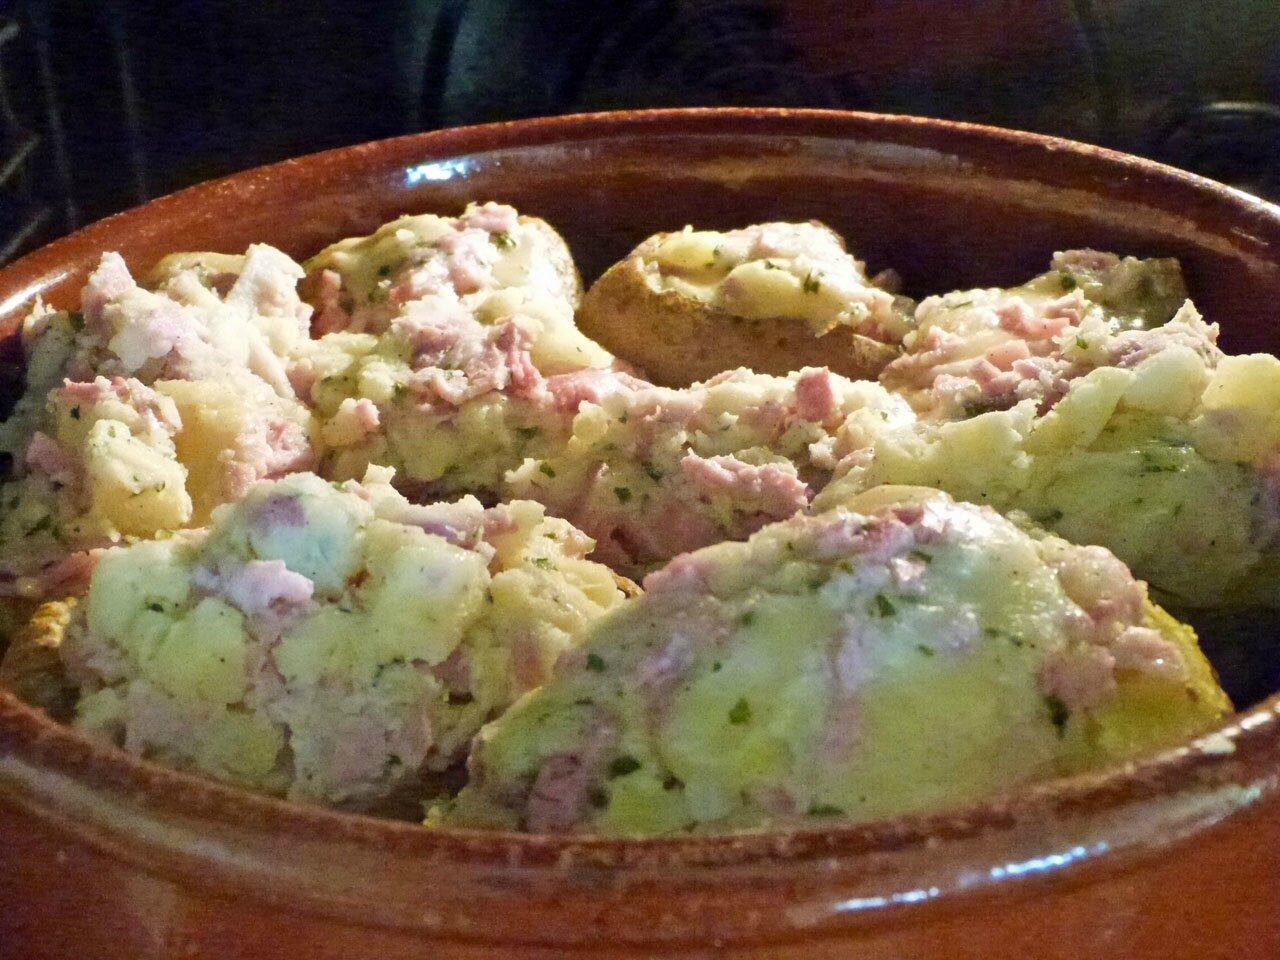 Pomme de terre au fromage raclette la table des joyeux - Temps cuisson pomme de terre raclette ...